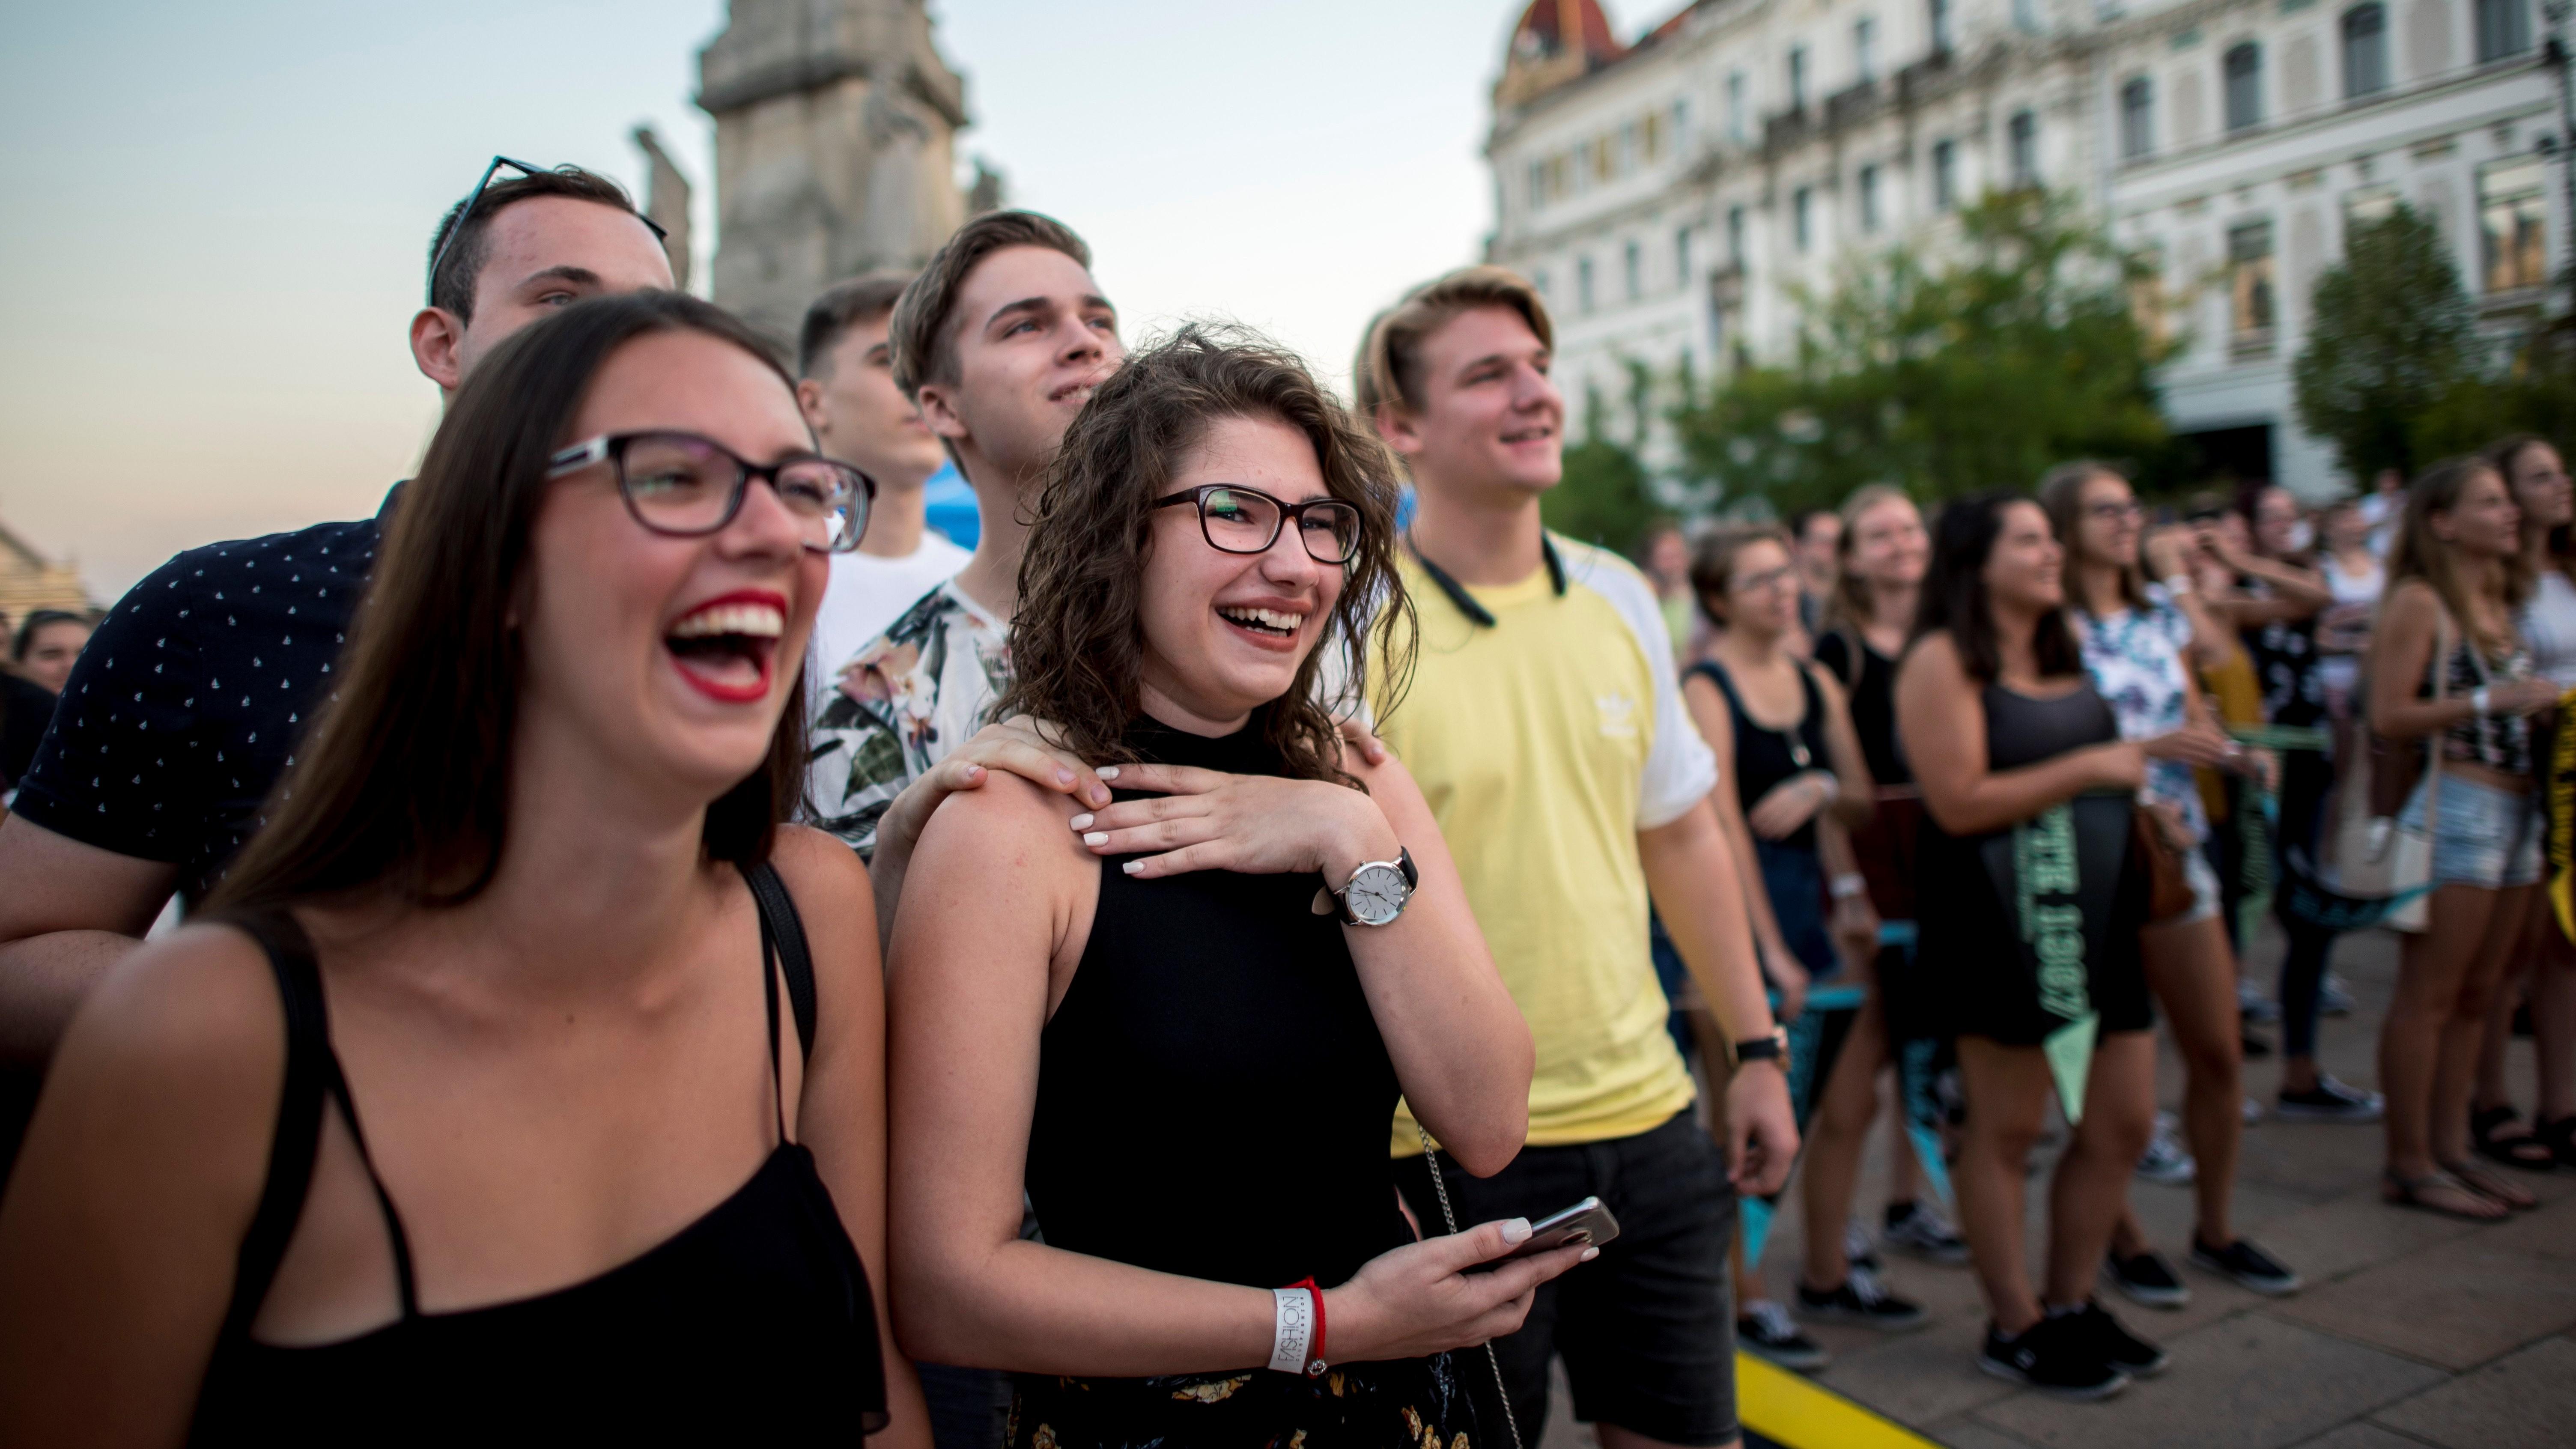 Fiatalok a felsõoktatási ponthatárok bejelentésén, a Pont Ott Parti rendezvényen Pécsen a Széchenyi téren 2018. július 25-én.MTI Fotó: Sóki Tamás